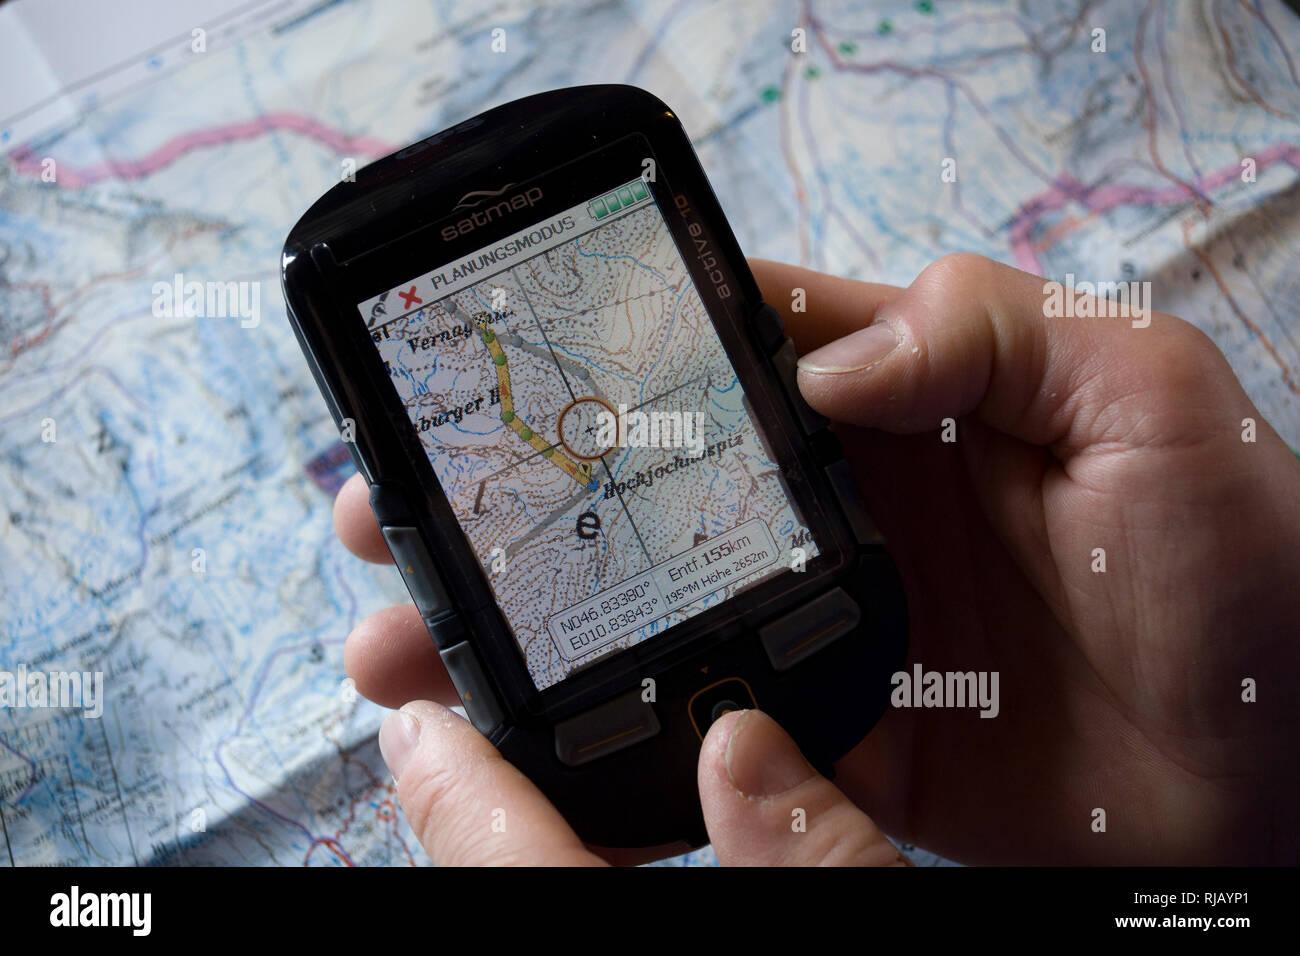 Kartenstudium und GPS Gerät im Hochjochhospiz, Ötztaler Alpen, Tirol, Österreich. Stock Photo